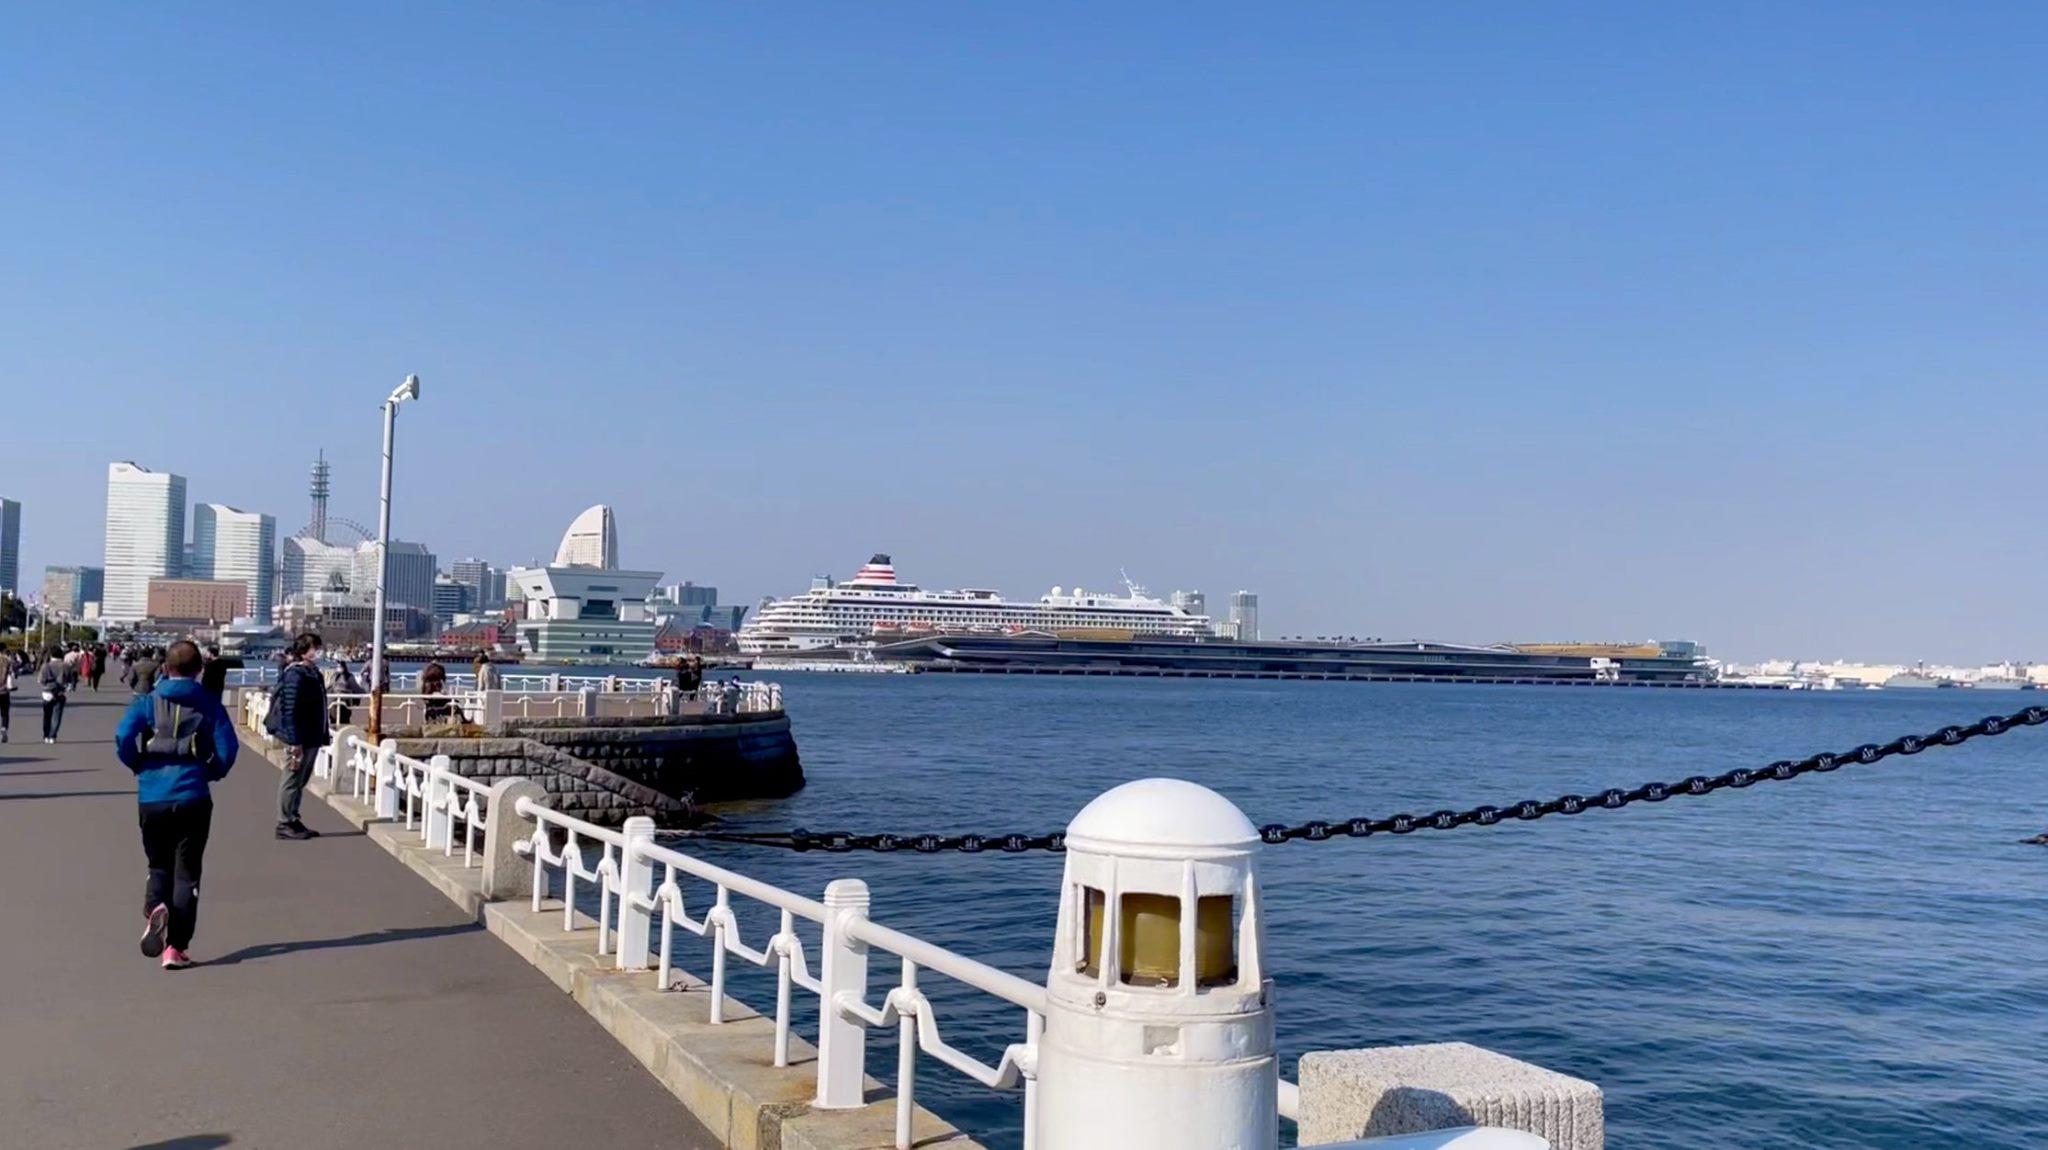 【横浜中華街】カップルで訪れたい♡おすすめデートスポット10選!